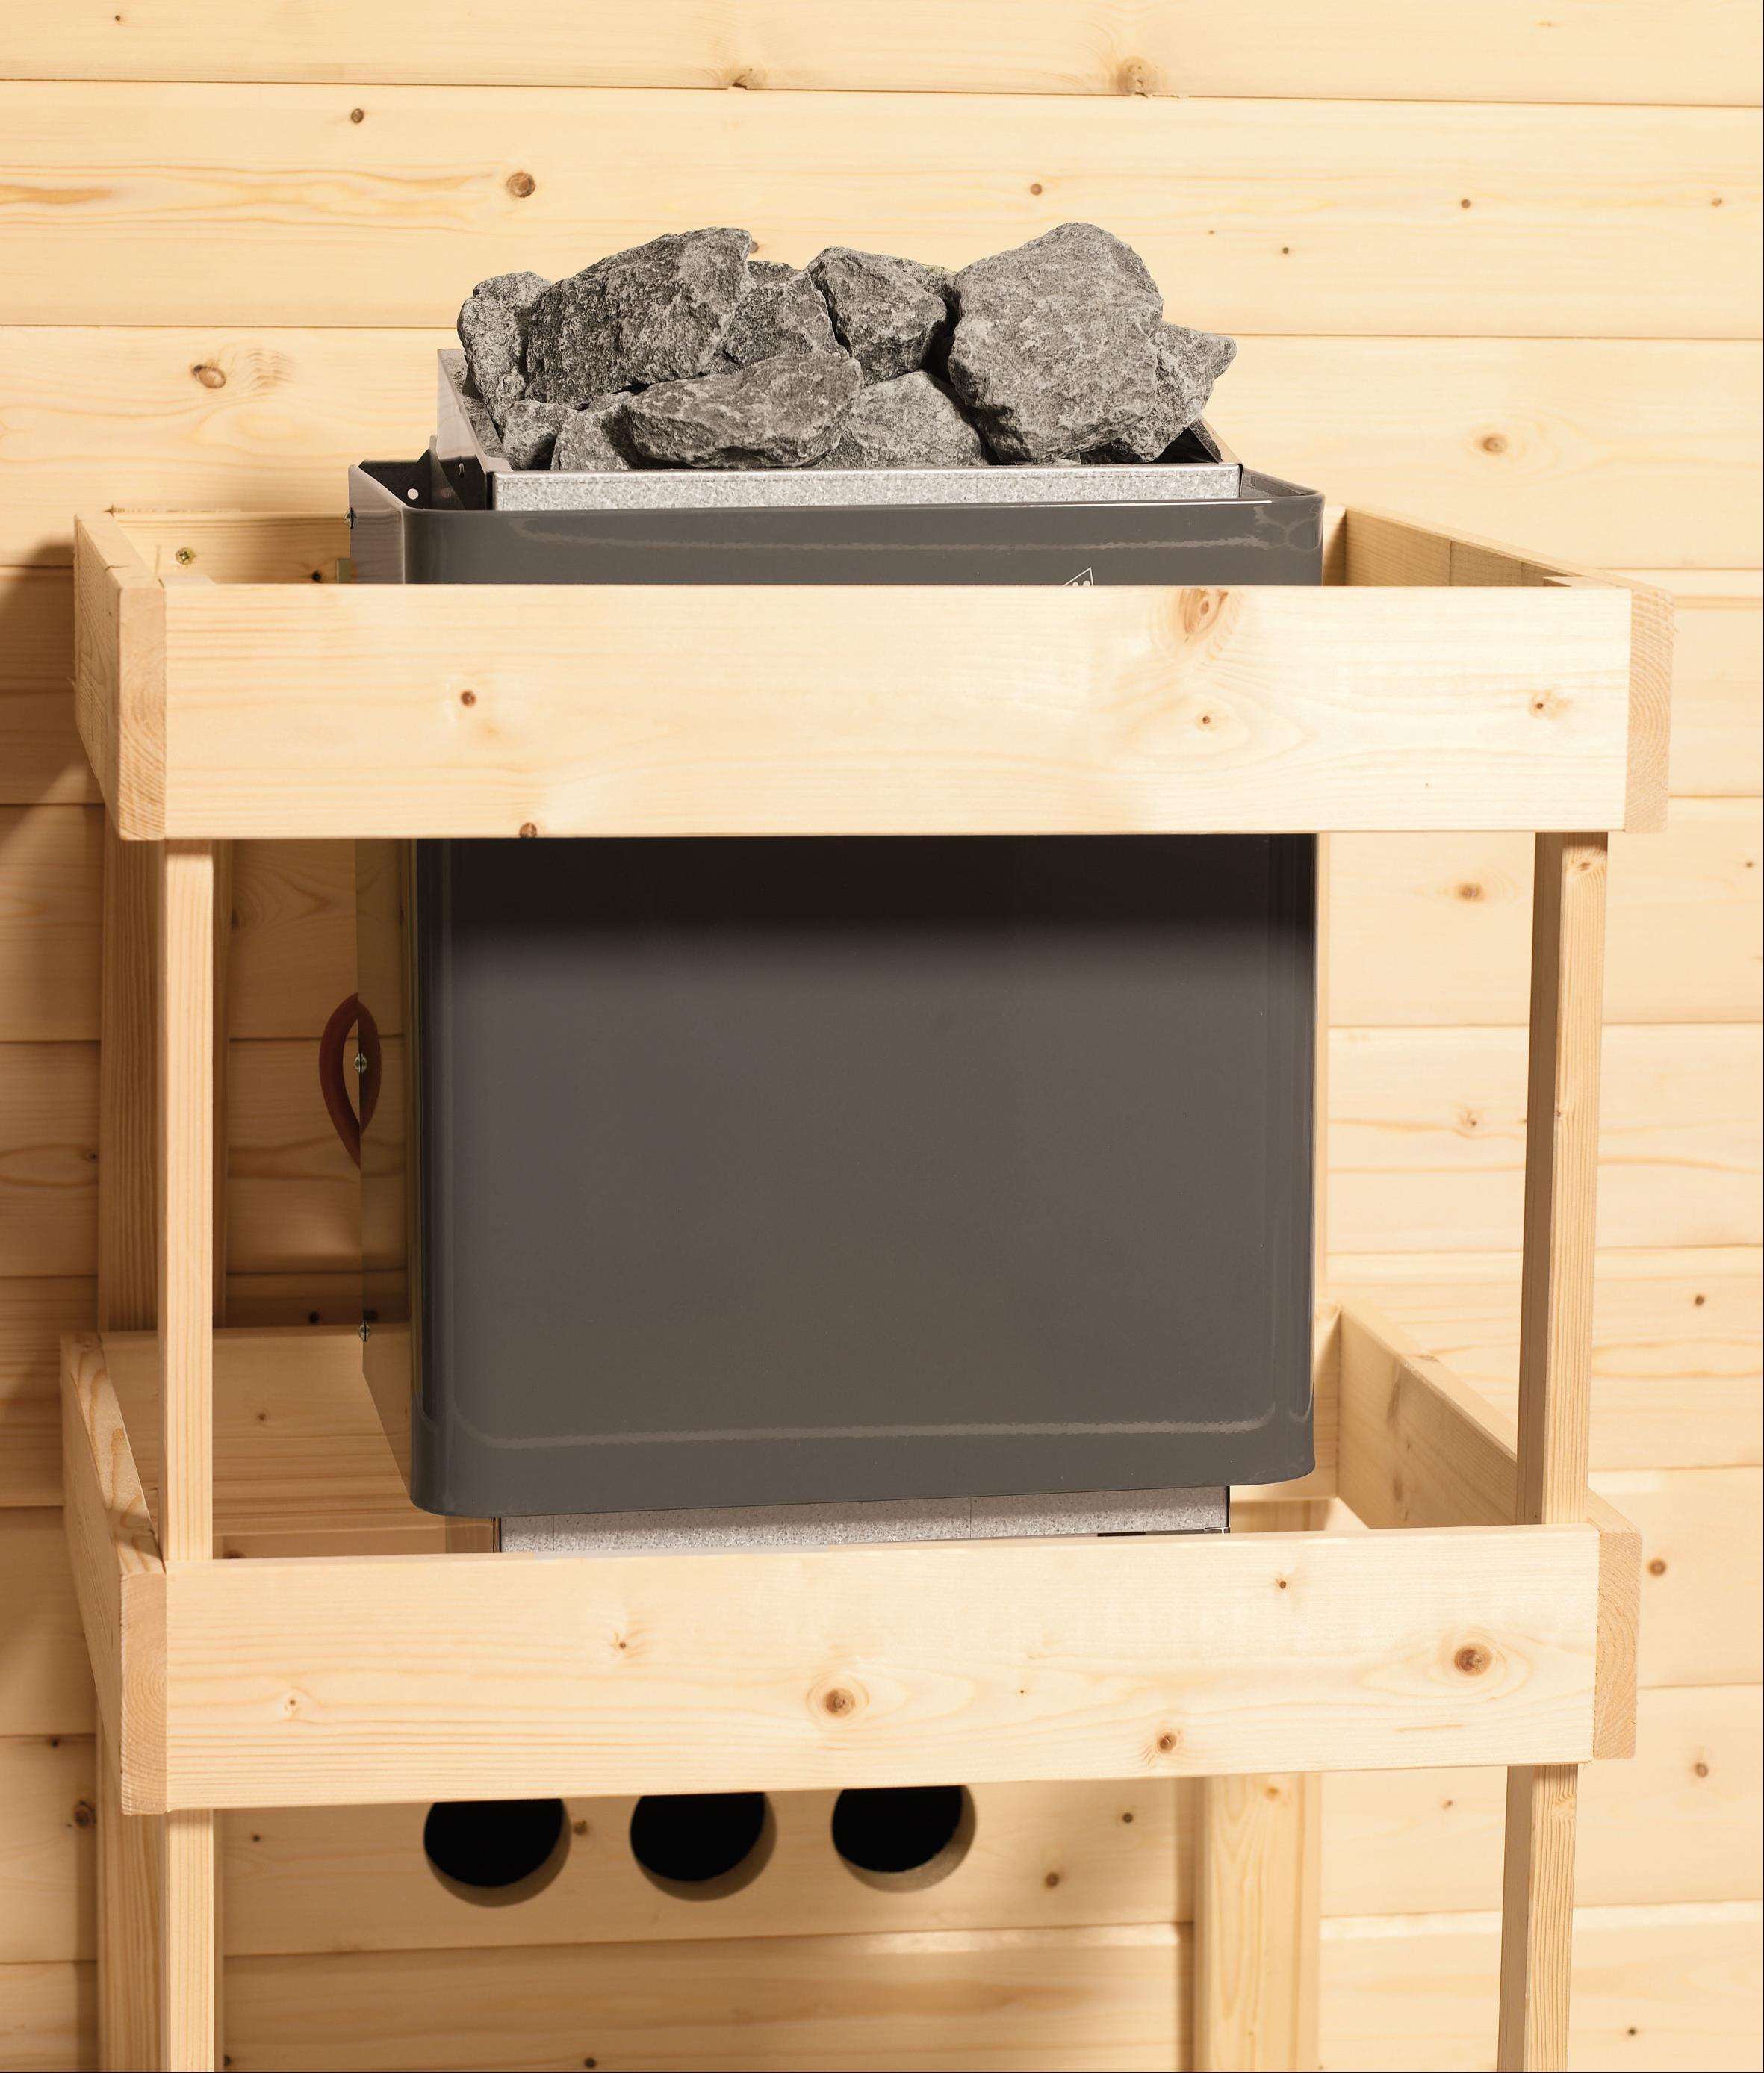 Gartensauna Karibu Saunahaus Norge 38mm Ofen 9kW ext. Tür Milchglas Bild 8